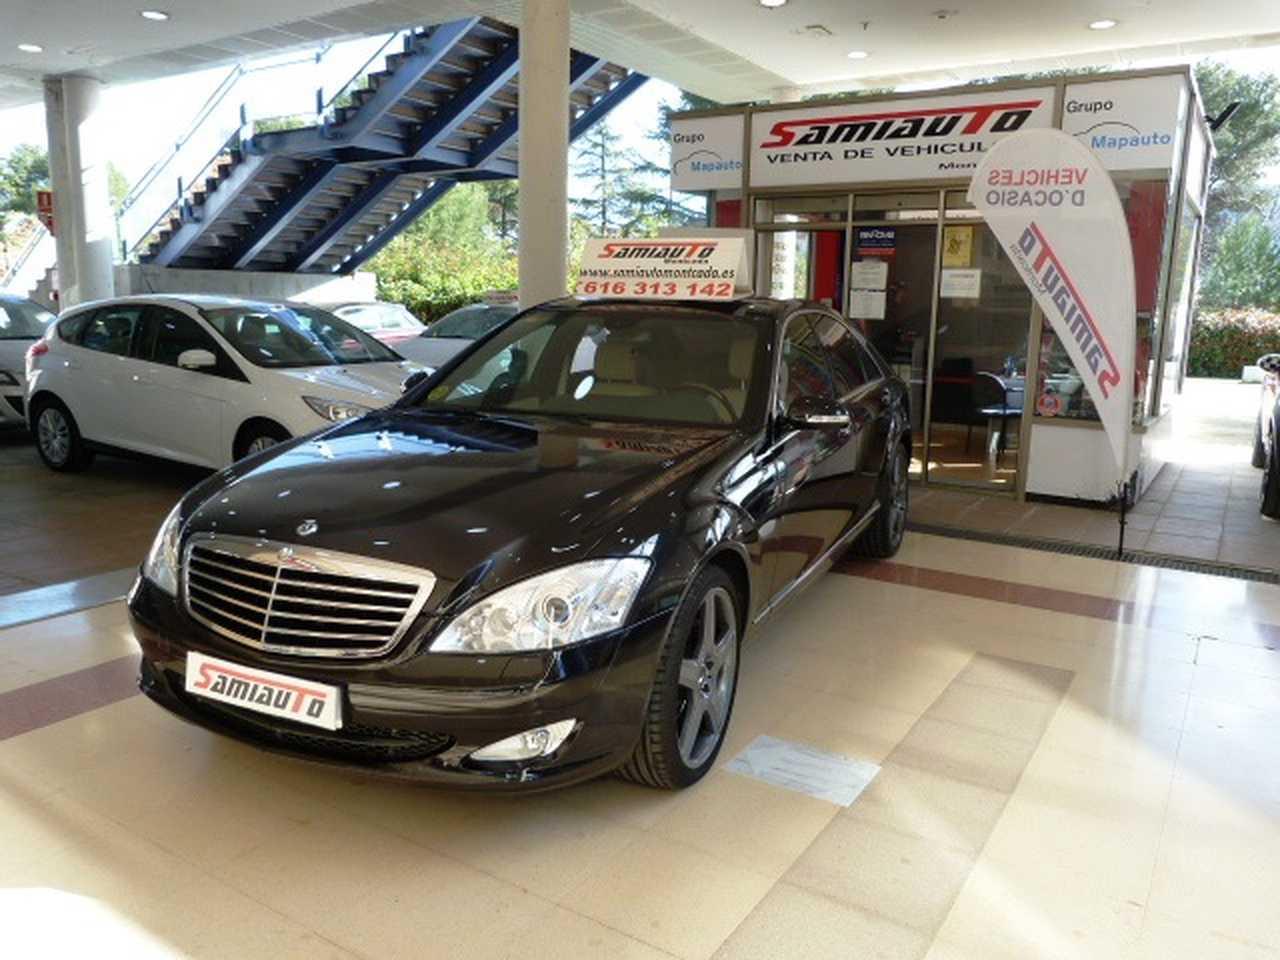 Mercedes Clase S Clase S S 320 CDI 4p. MUY MUY BIEN CUIDADO KILÓMETROS CERTIFICADOS  - Foto 1